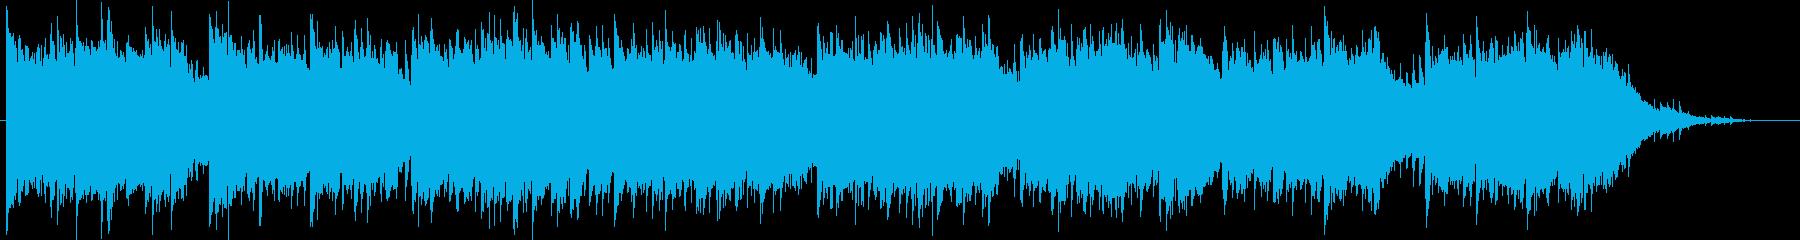 少し切ないピアノソングの再生済みの波形